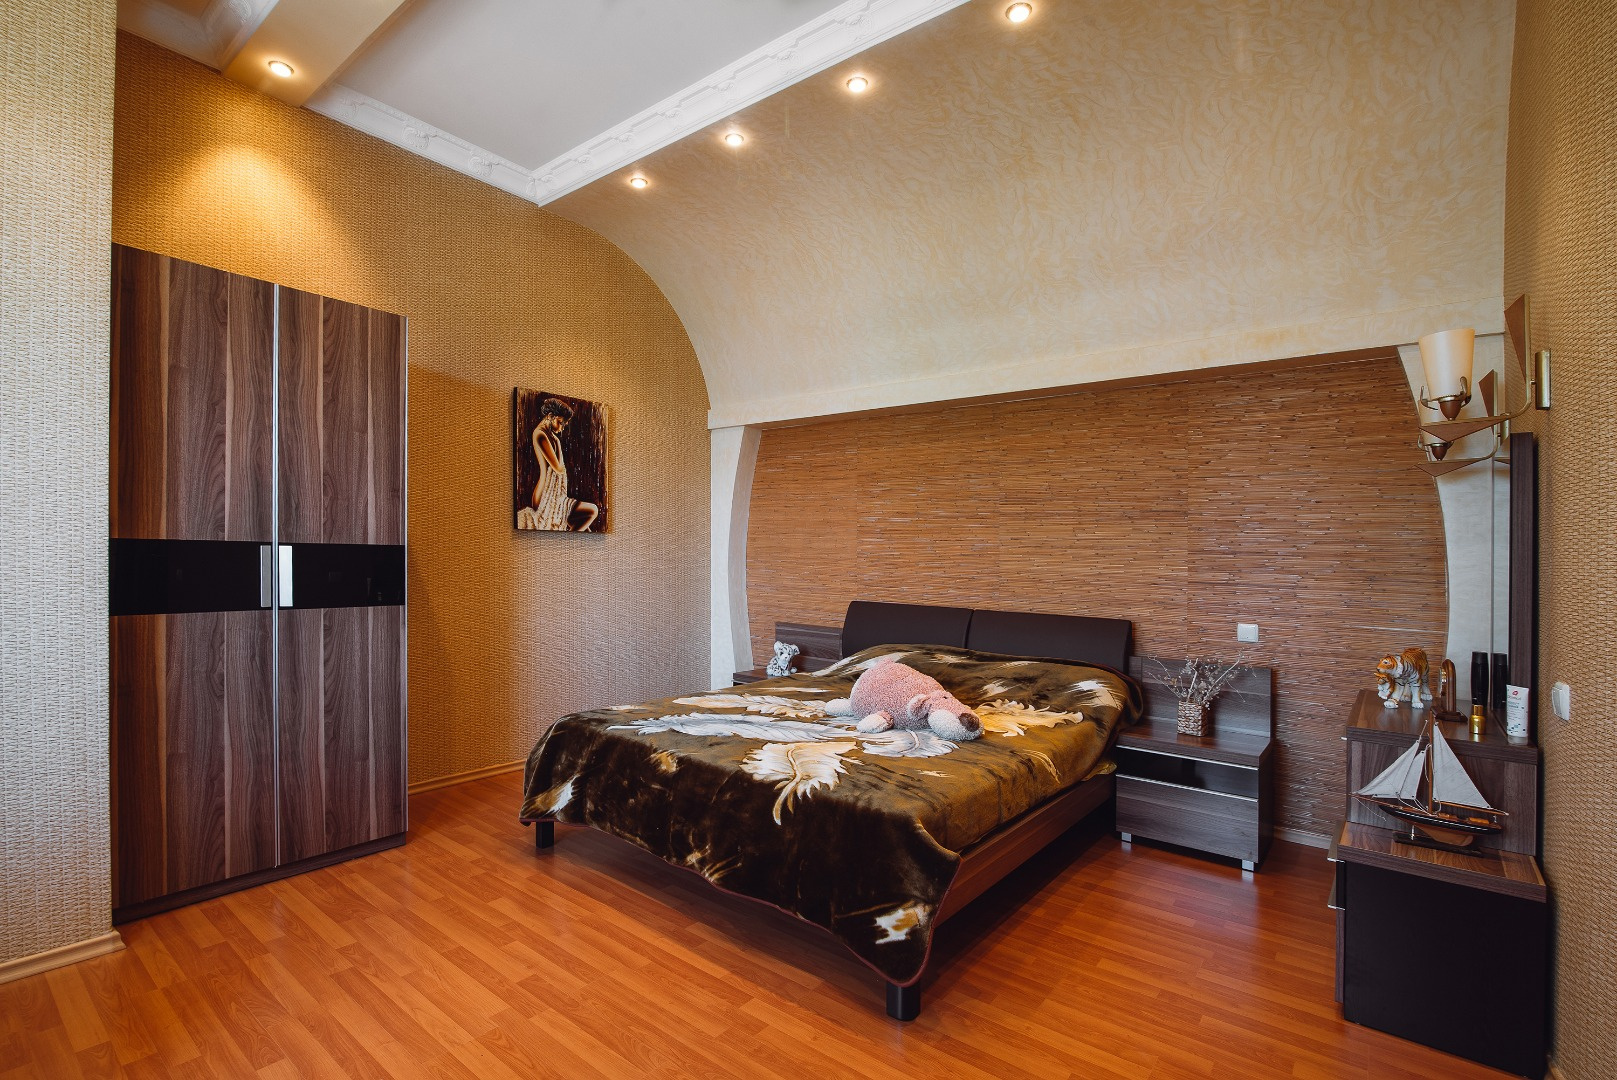 Продается Дом на ул. Аркадиевский Пер. — 1 500 000 у.е. (фото №16)